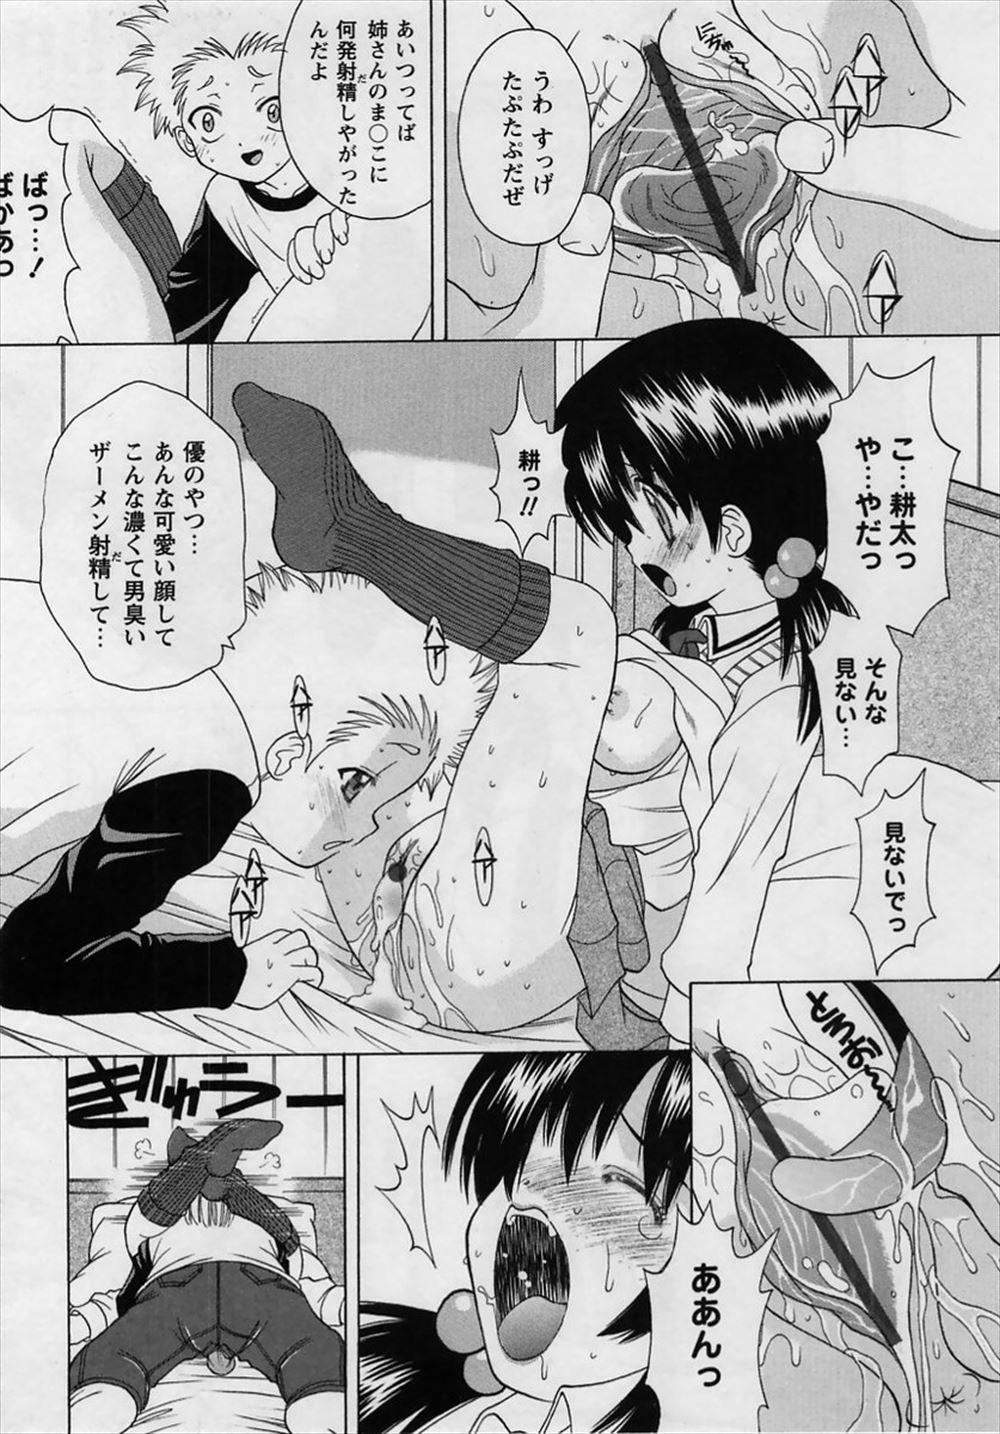 【エロ漫画同人誌】友達とロリカワな姉をくっつけた耕太は実は姉と身体の関係で友達とセックスしたばかりの姉に中出しするwwww 008